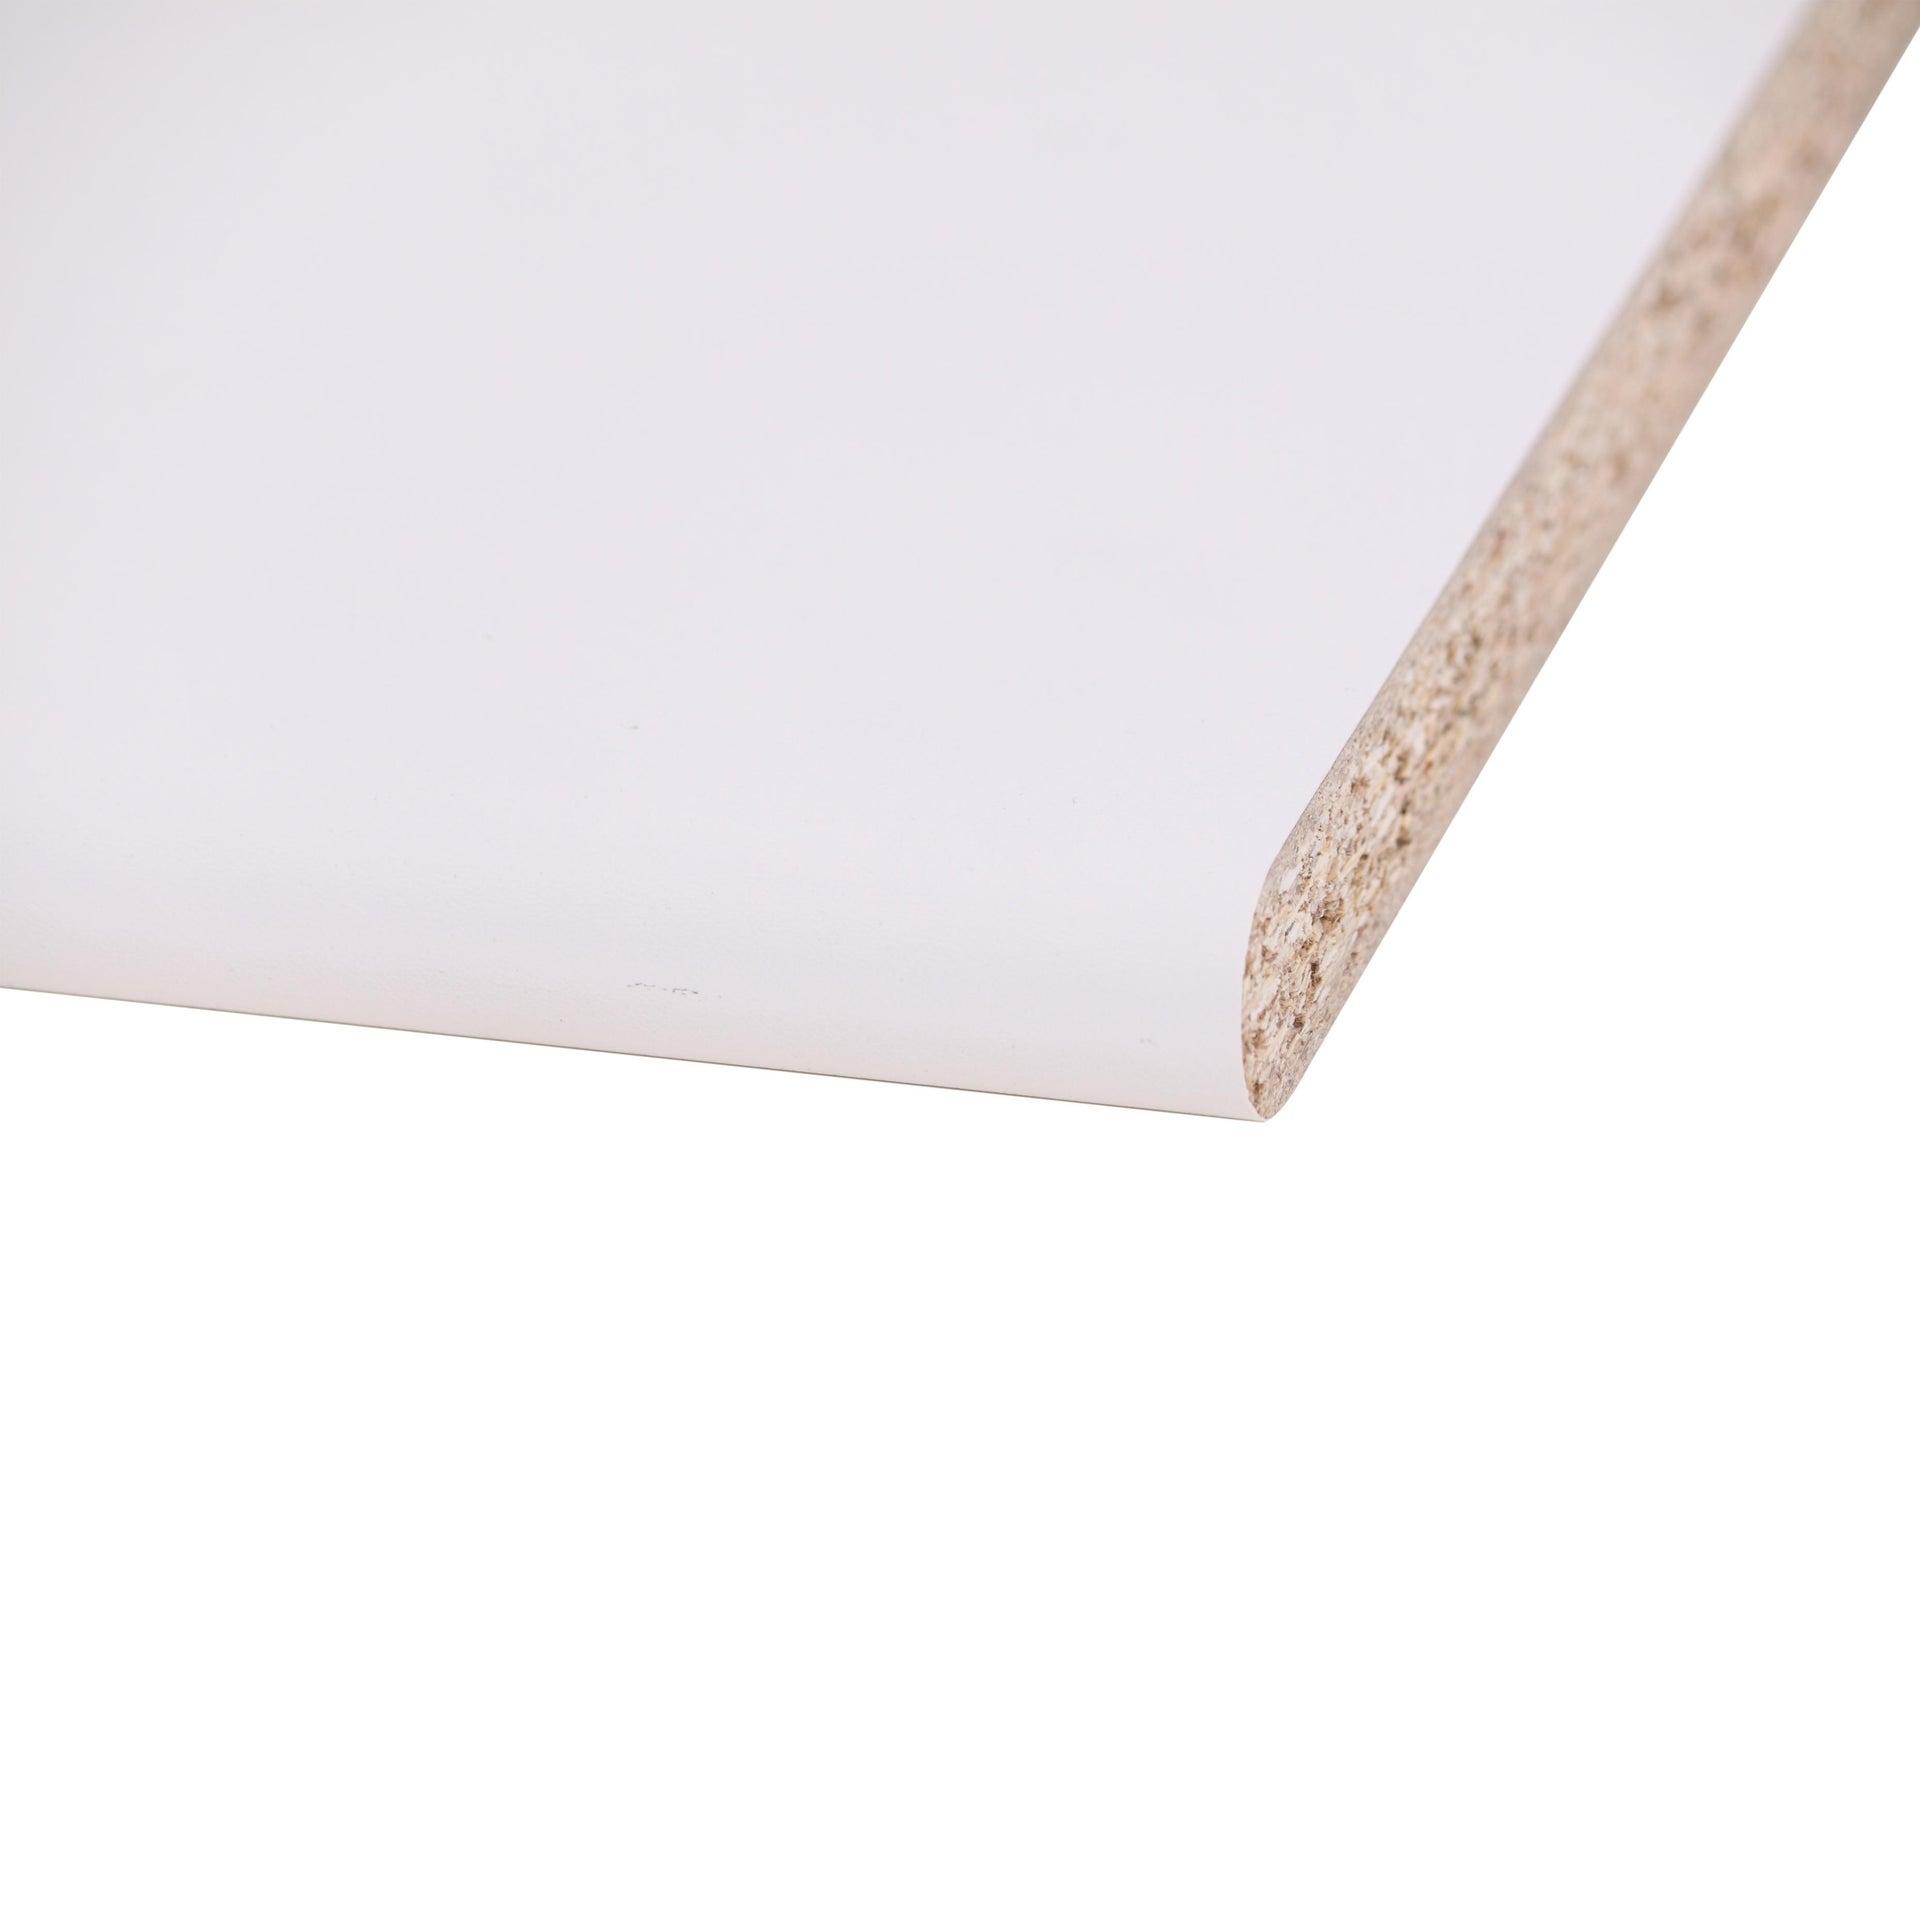 Piano di lavoro in legno bianco L 124 x P 60 cm, spessore 2.5 cm - 2